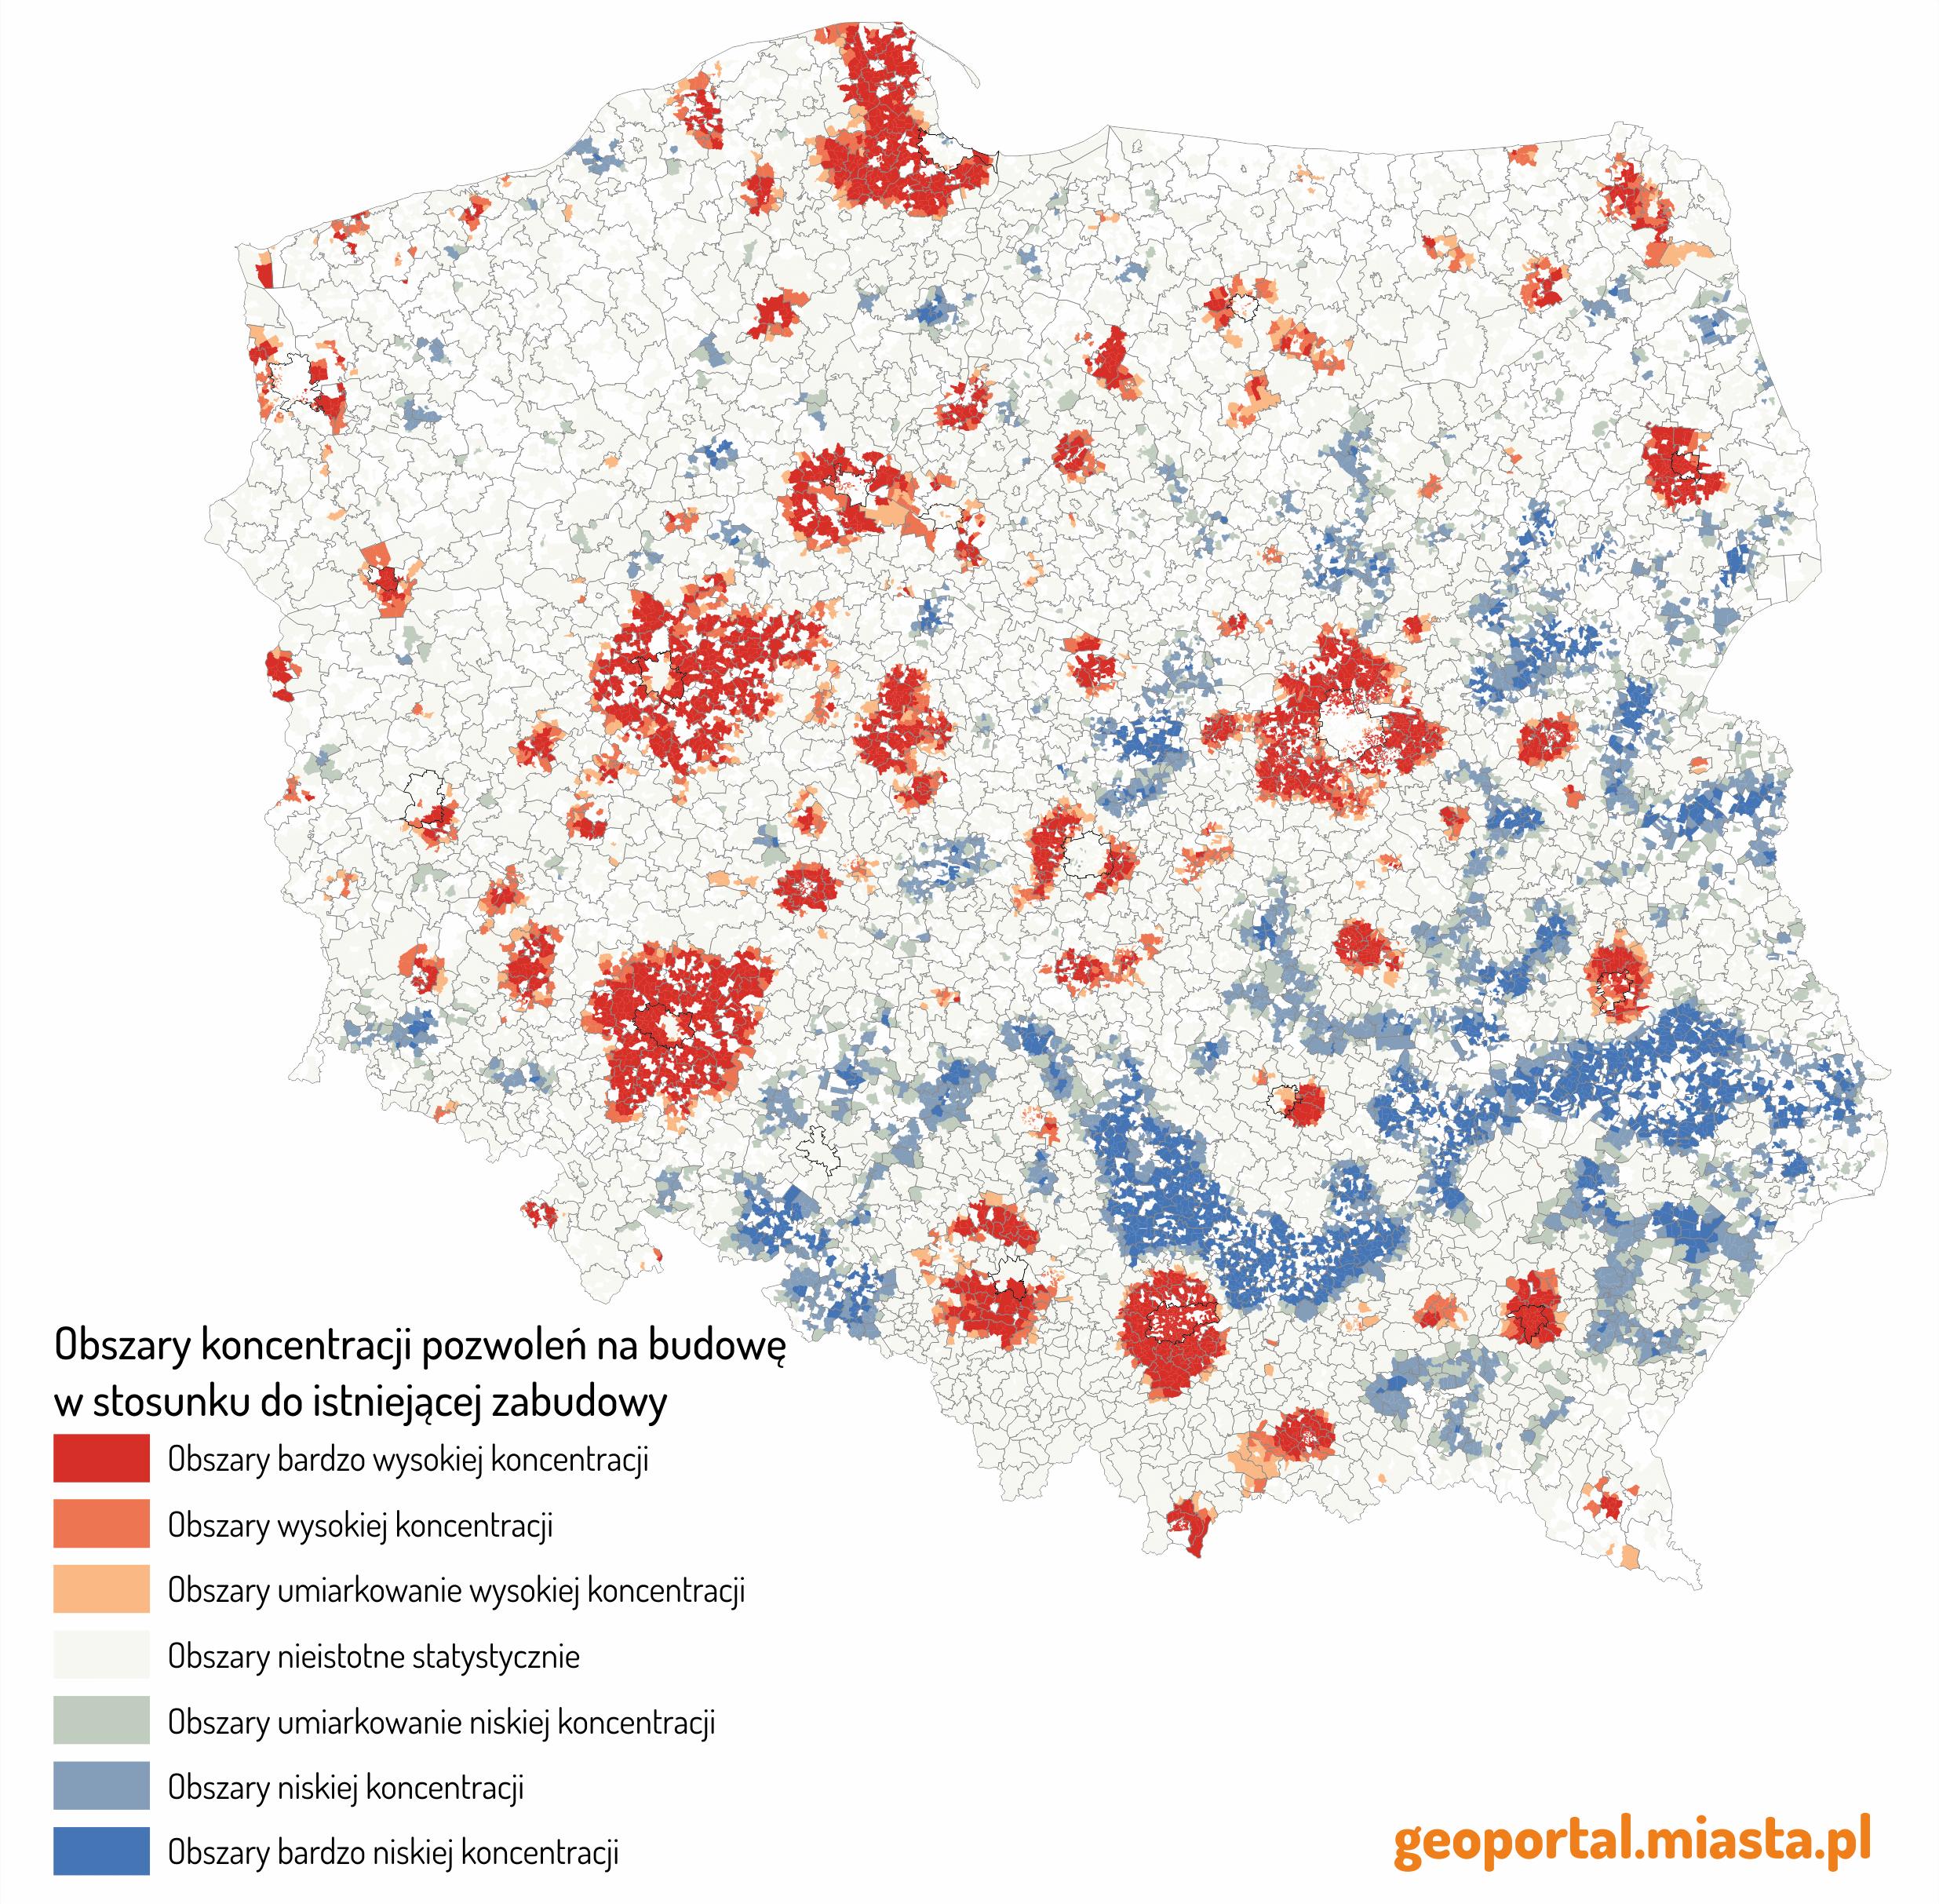 pozwolenia na budowę mapa gajda salata-kochanowski opm irmir